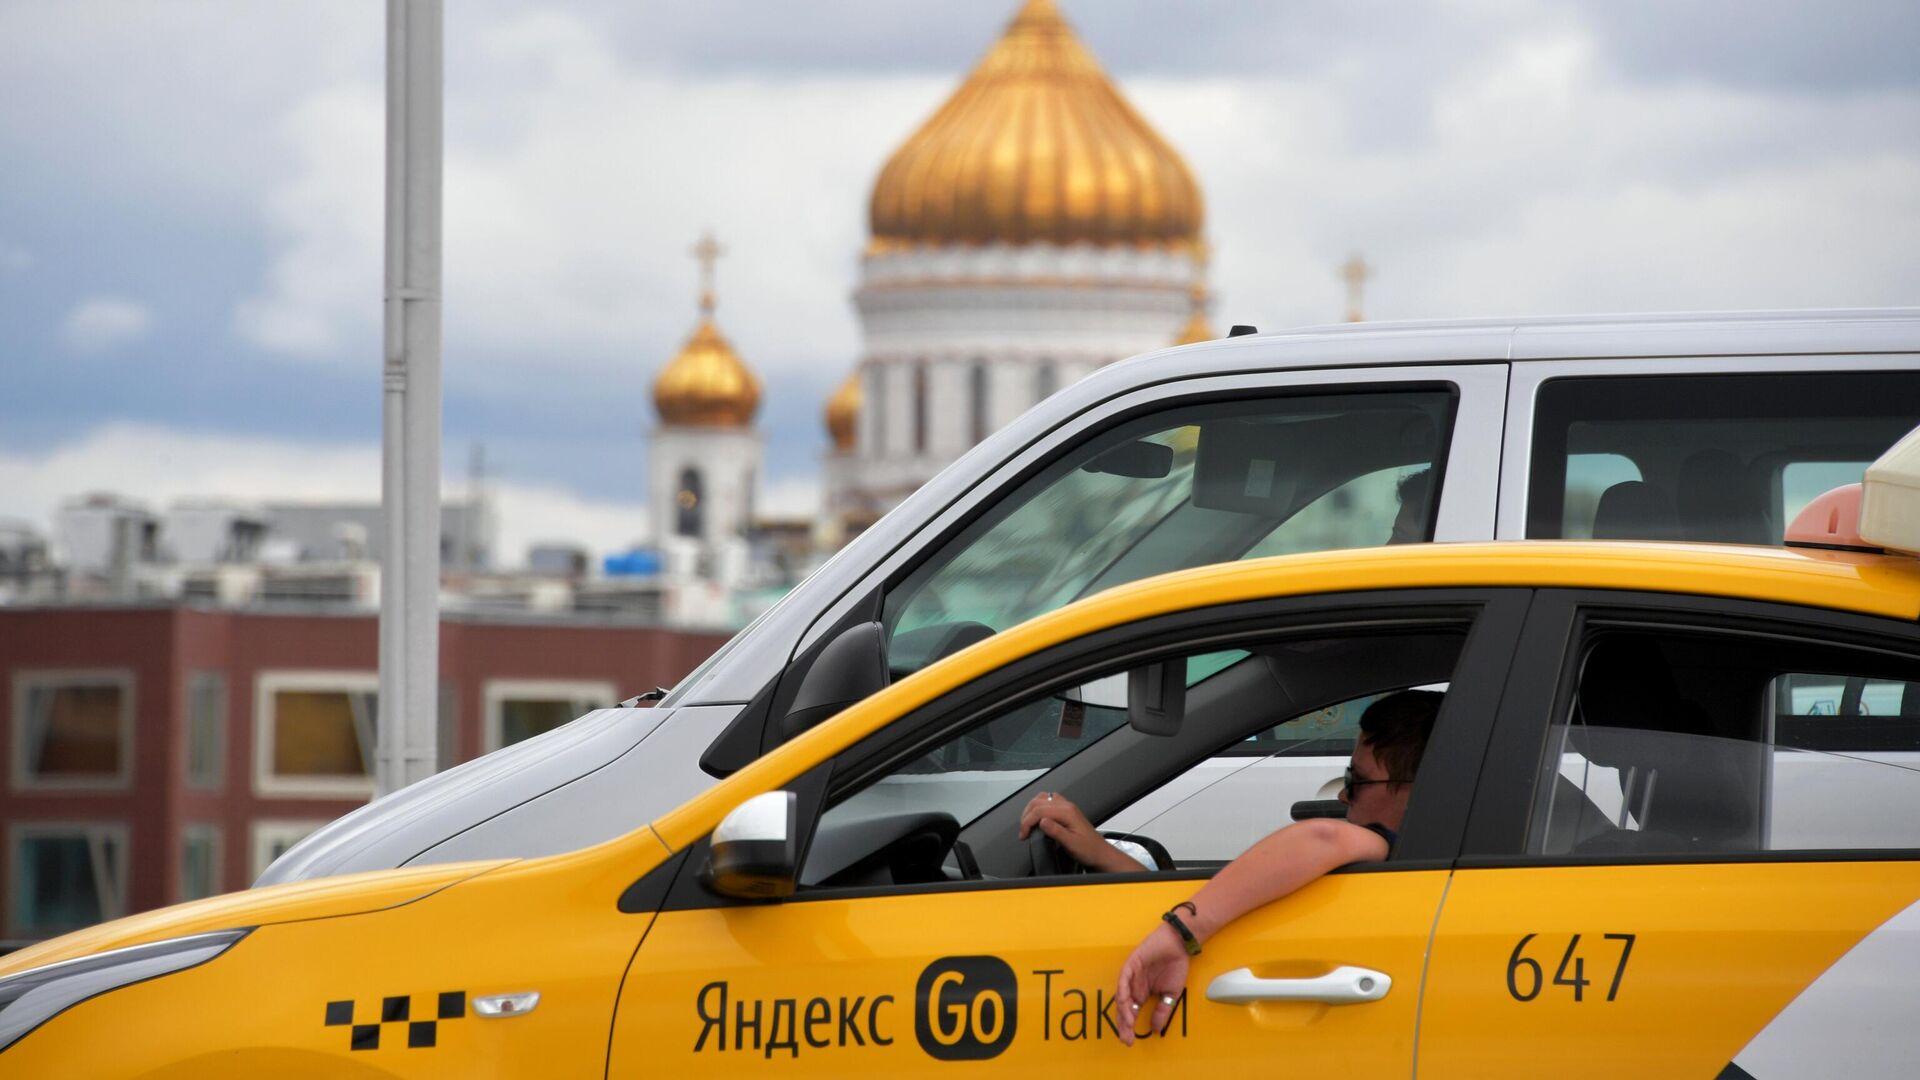 Яндекс купит у Uber 4,5% в СП